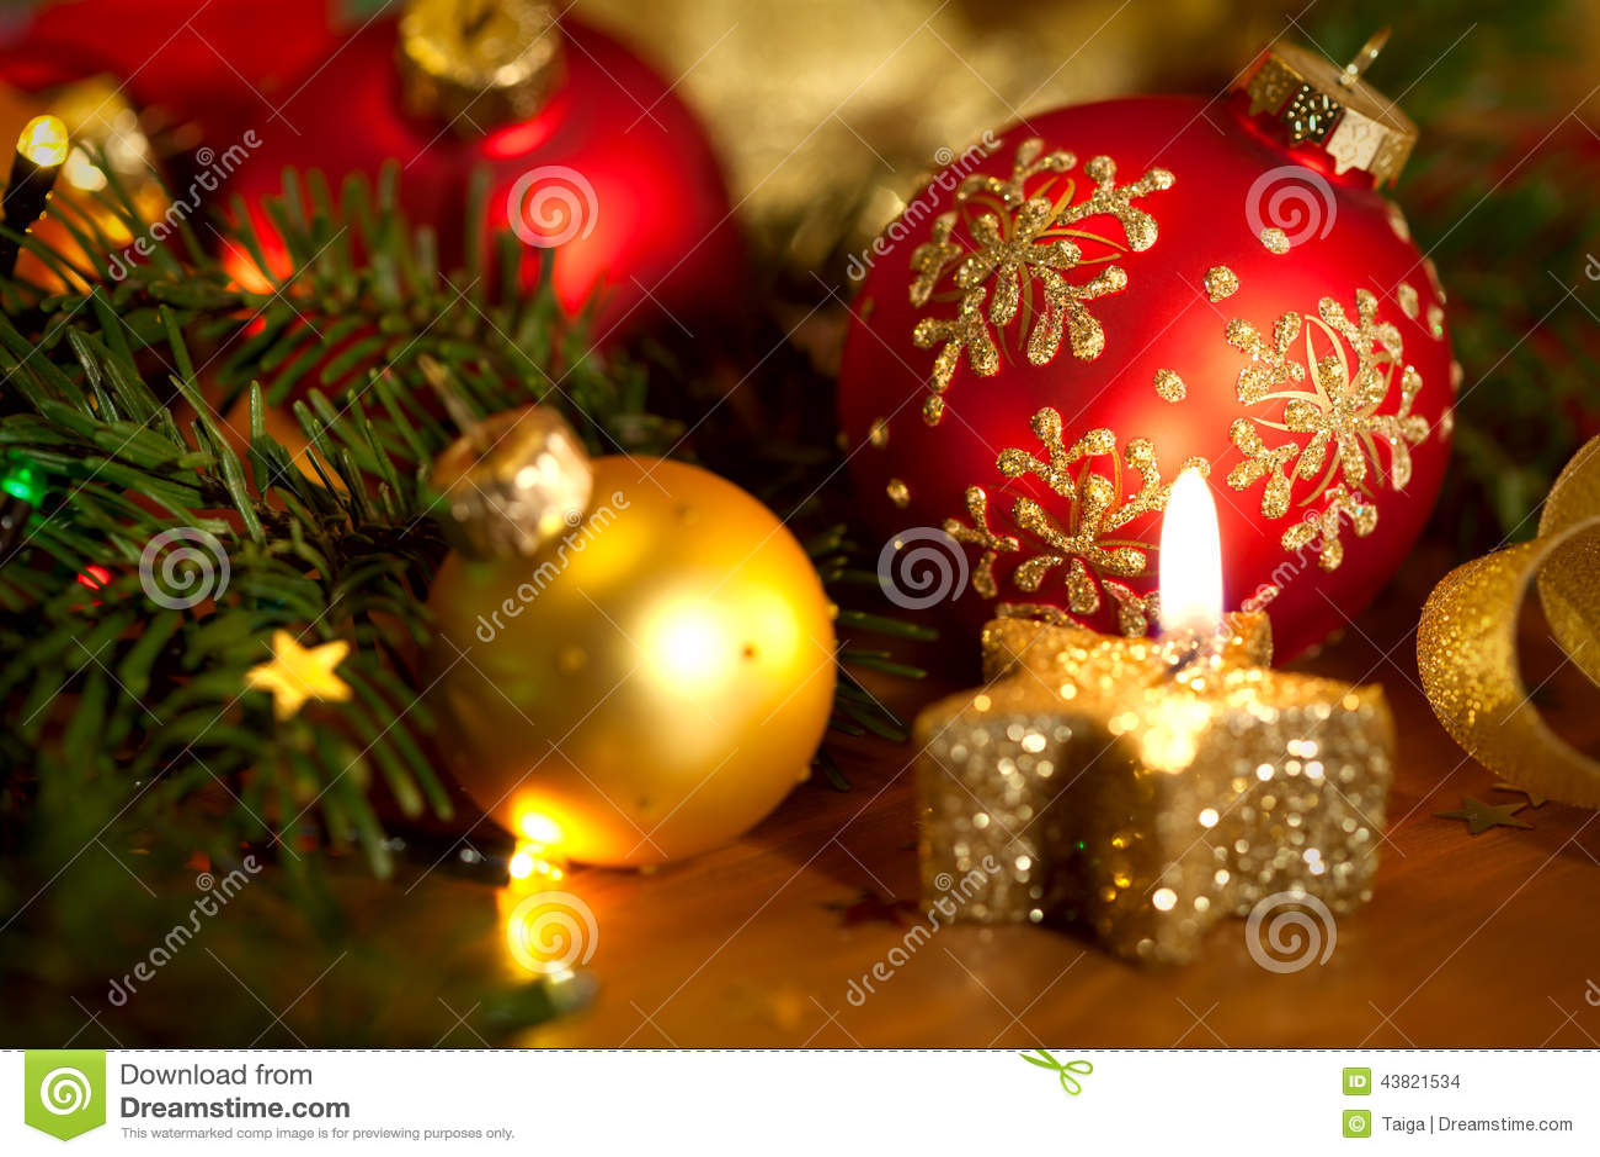 tarjeta de navidad con la vela de oro bolas rbol de pino luces